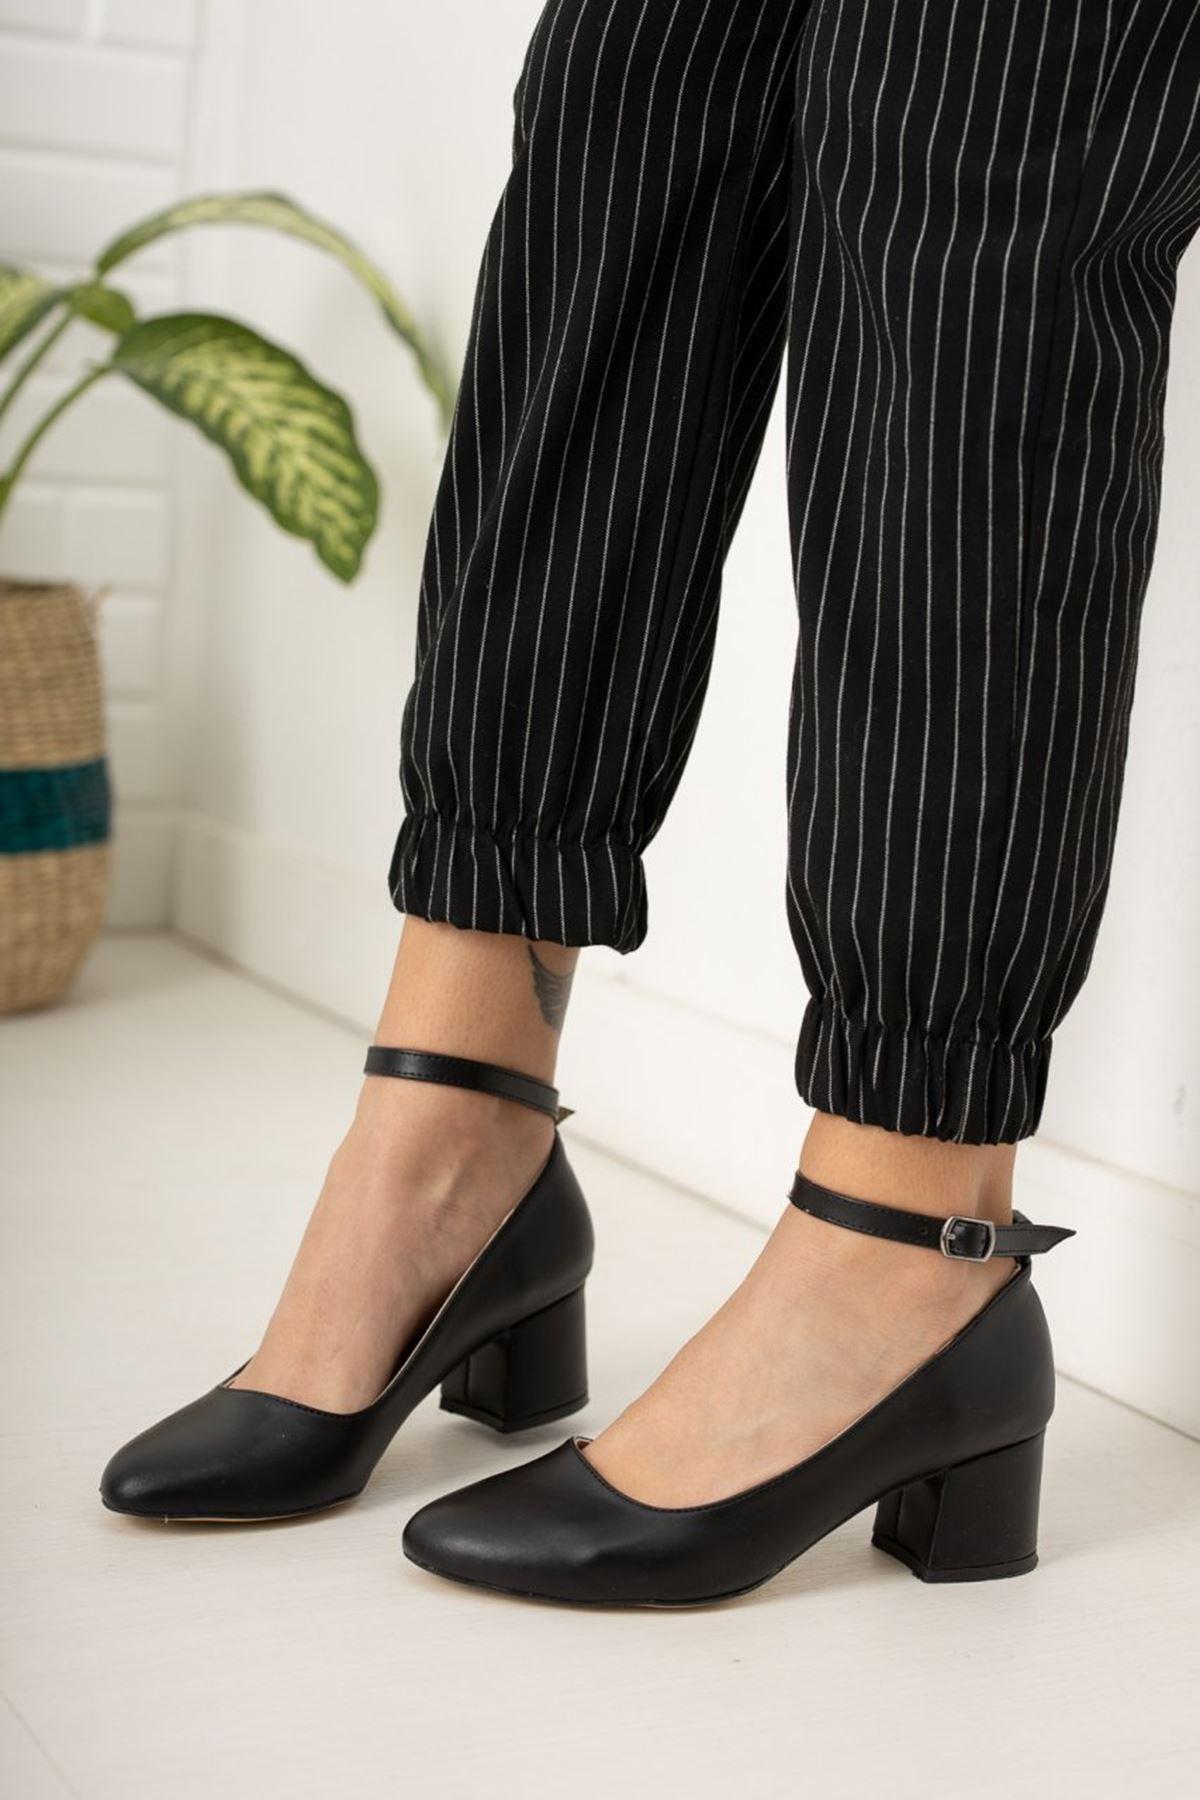 Kadın Barelo Siyah Deri Kısa Topuklu Ayakkabı